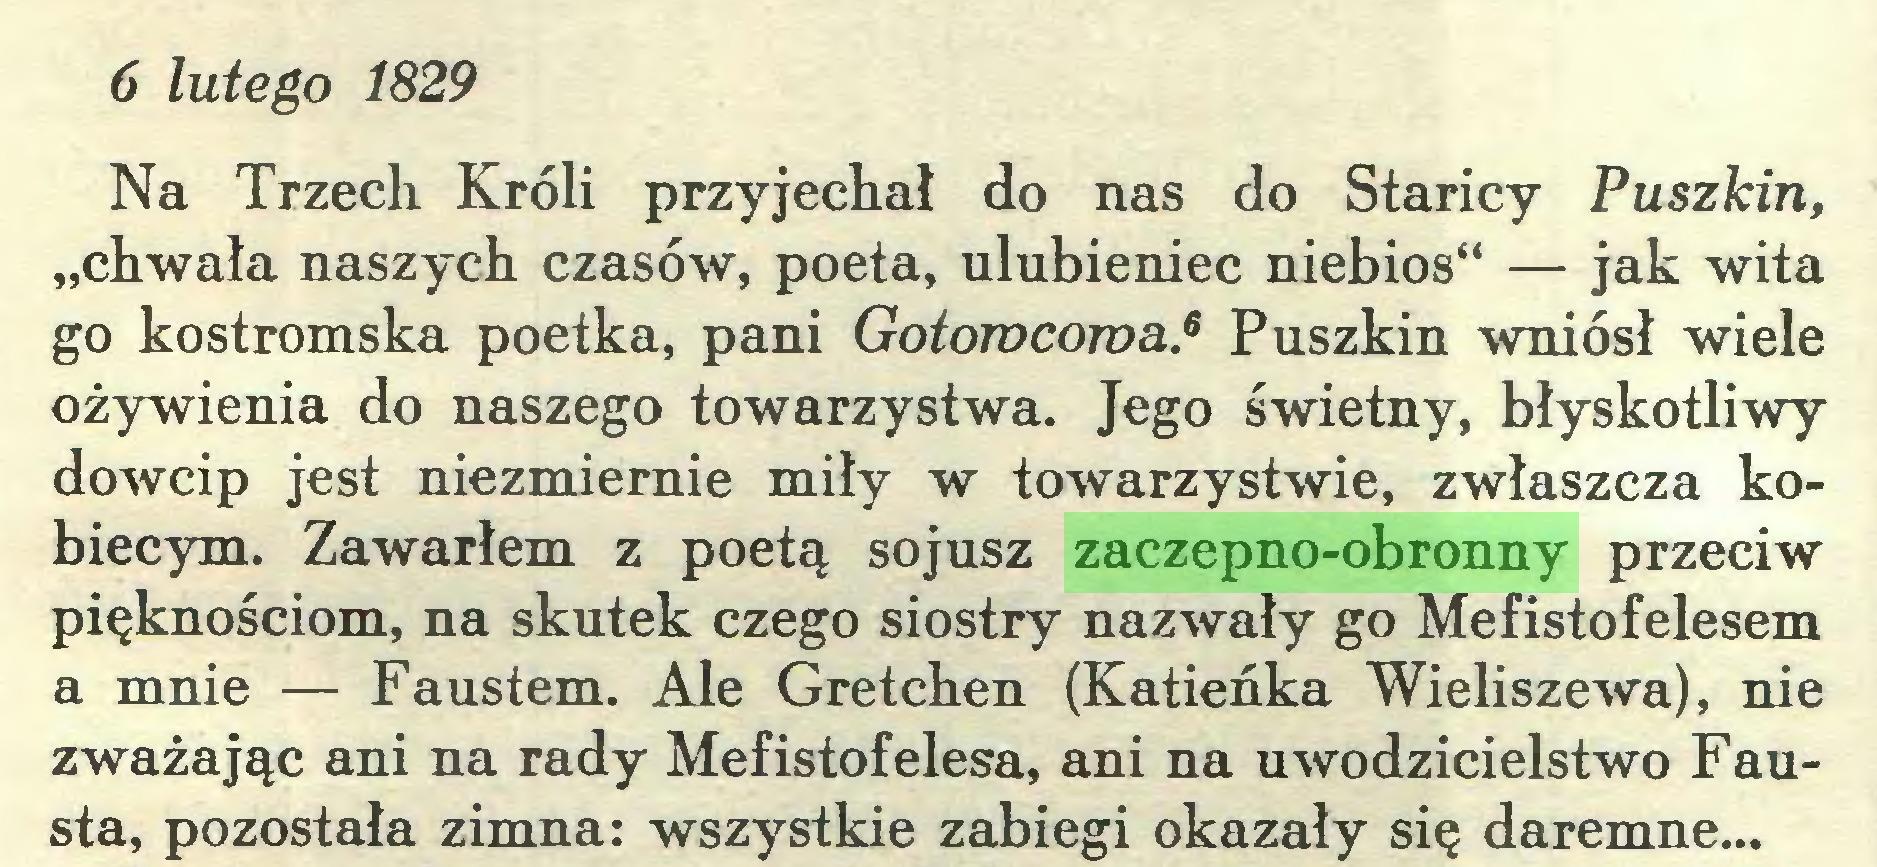 """(...) 6 lutego 1829 Na Trzech Króli przyjechał do nas do Staricy Puszkin, """"chwała naszych czasów, poeta, ulubieniec niebios"""" — jak wita go kostromska poetka, pani Gotowcowa.6 Puszkin wniósł wiele ożywienia do naszego towarzystwa. Jego świetny, błyskotliwy dowcip jest niezmiernie miły w towarzystwie, zwłaszcza kobiecym. Zawarłem z poetą sojusz zaczepno-obronny przeciw pięknościom, na skutek czego siostry nazwały go Mefistofelesem a mnie — Faustem. Ale Gretchen (Katieńka Wieliszewa), nie zważając ani na rady Mefistofelesa, ani na uwodzicielstwo Fausta, pozostała zimna: wszystkie zabiegi okazały się daremne..."""